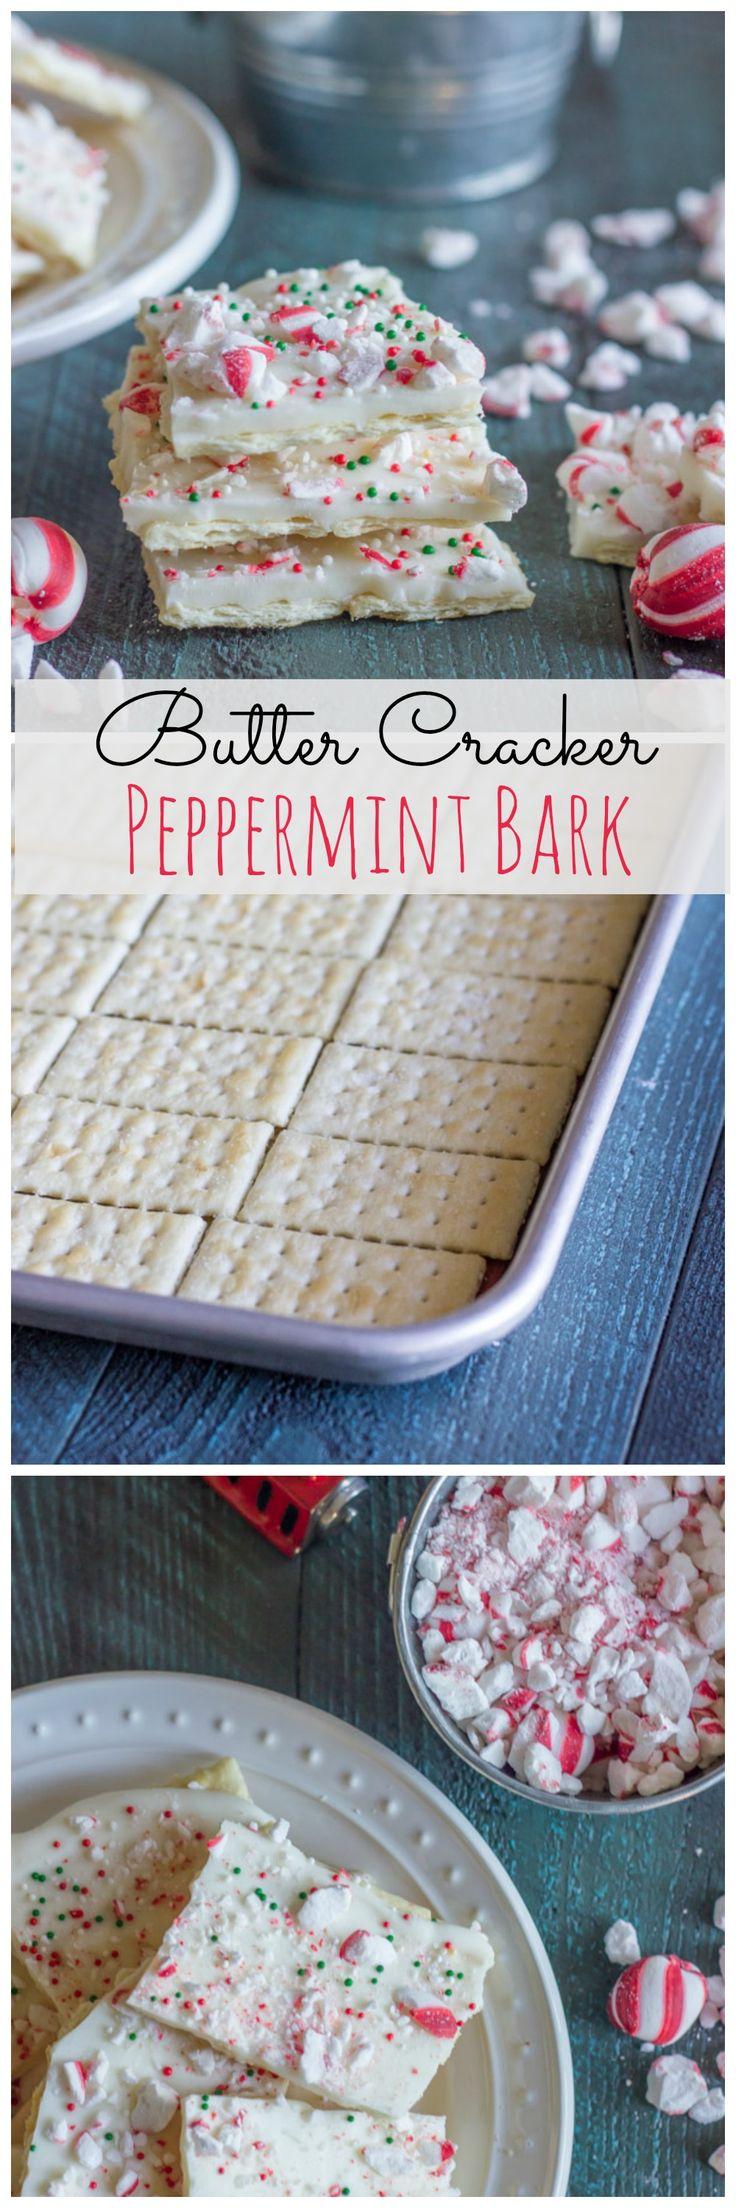 Butter Cracker Peppermint Bark - sweet and salty!